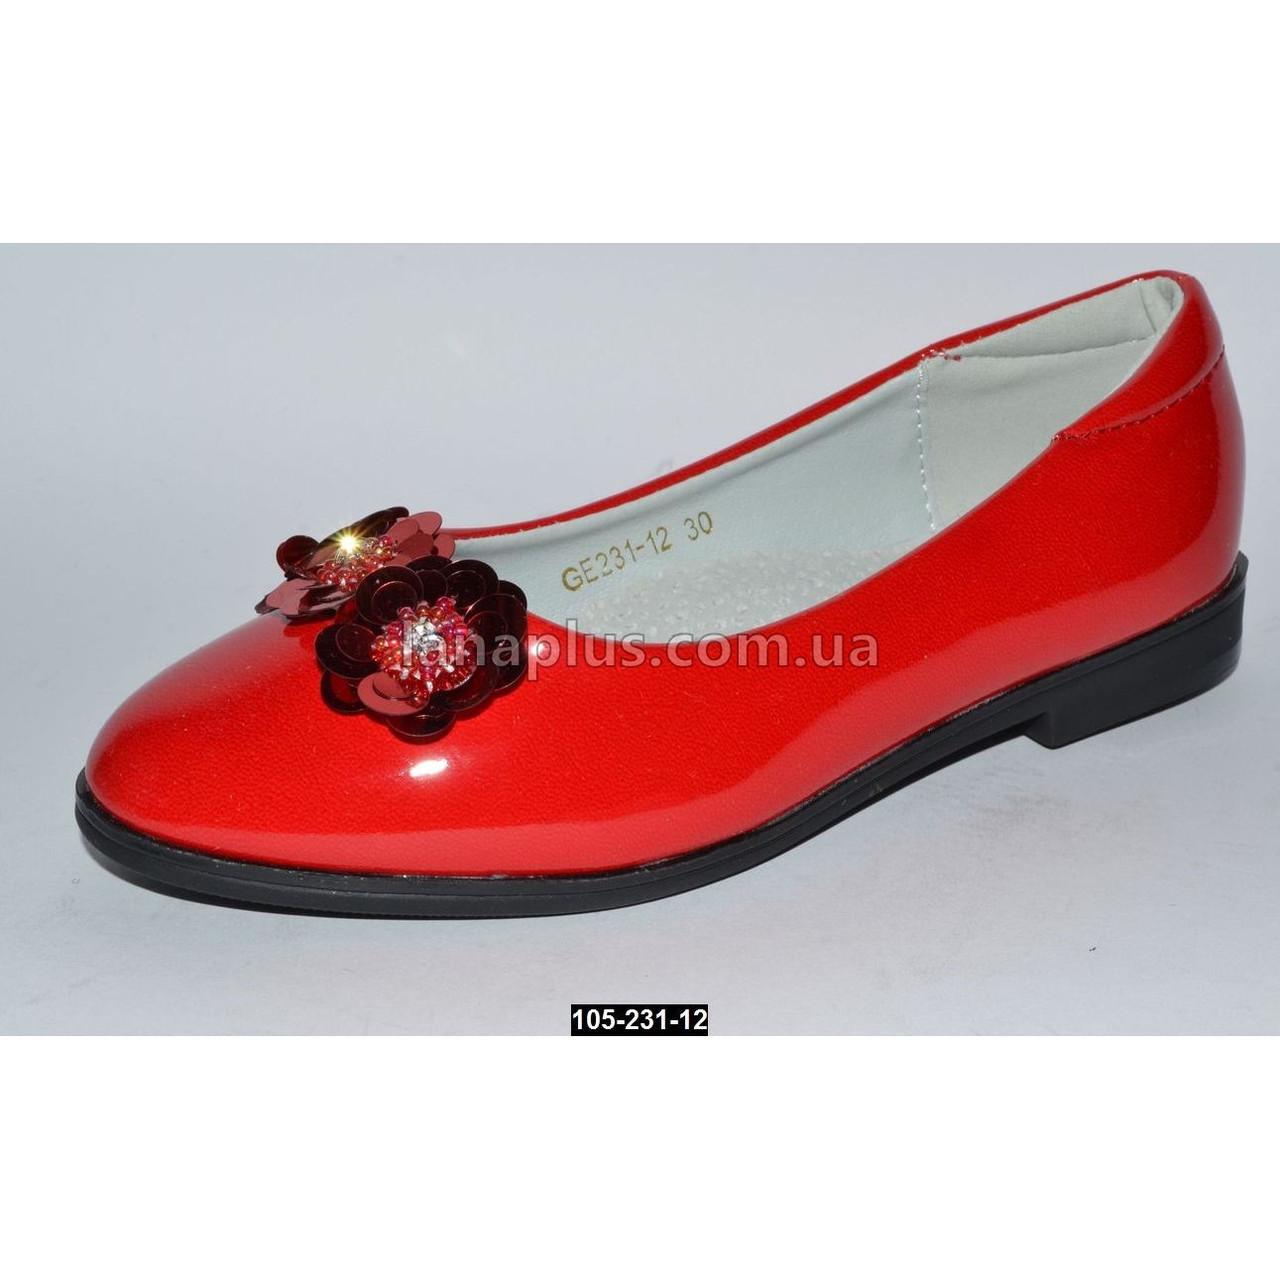 008efac8 Нарядные балетки для девочки, 32 размер (20.9 см), туфли на выпускной